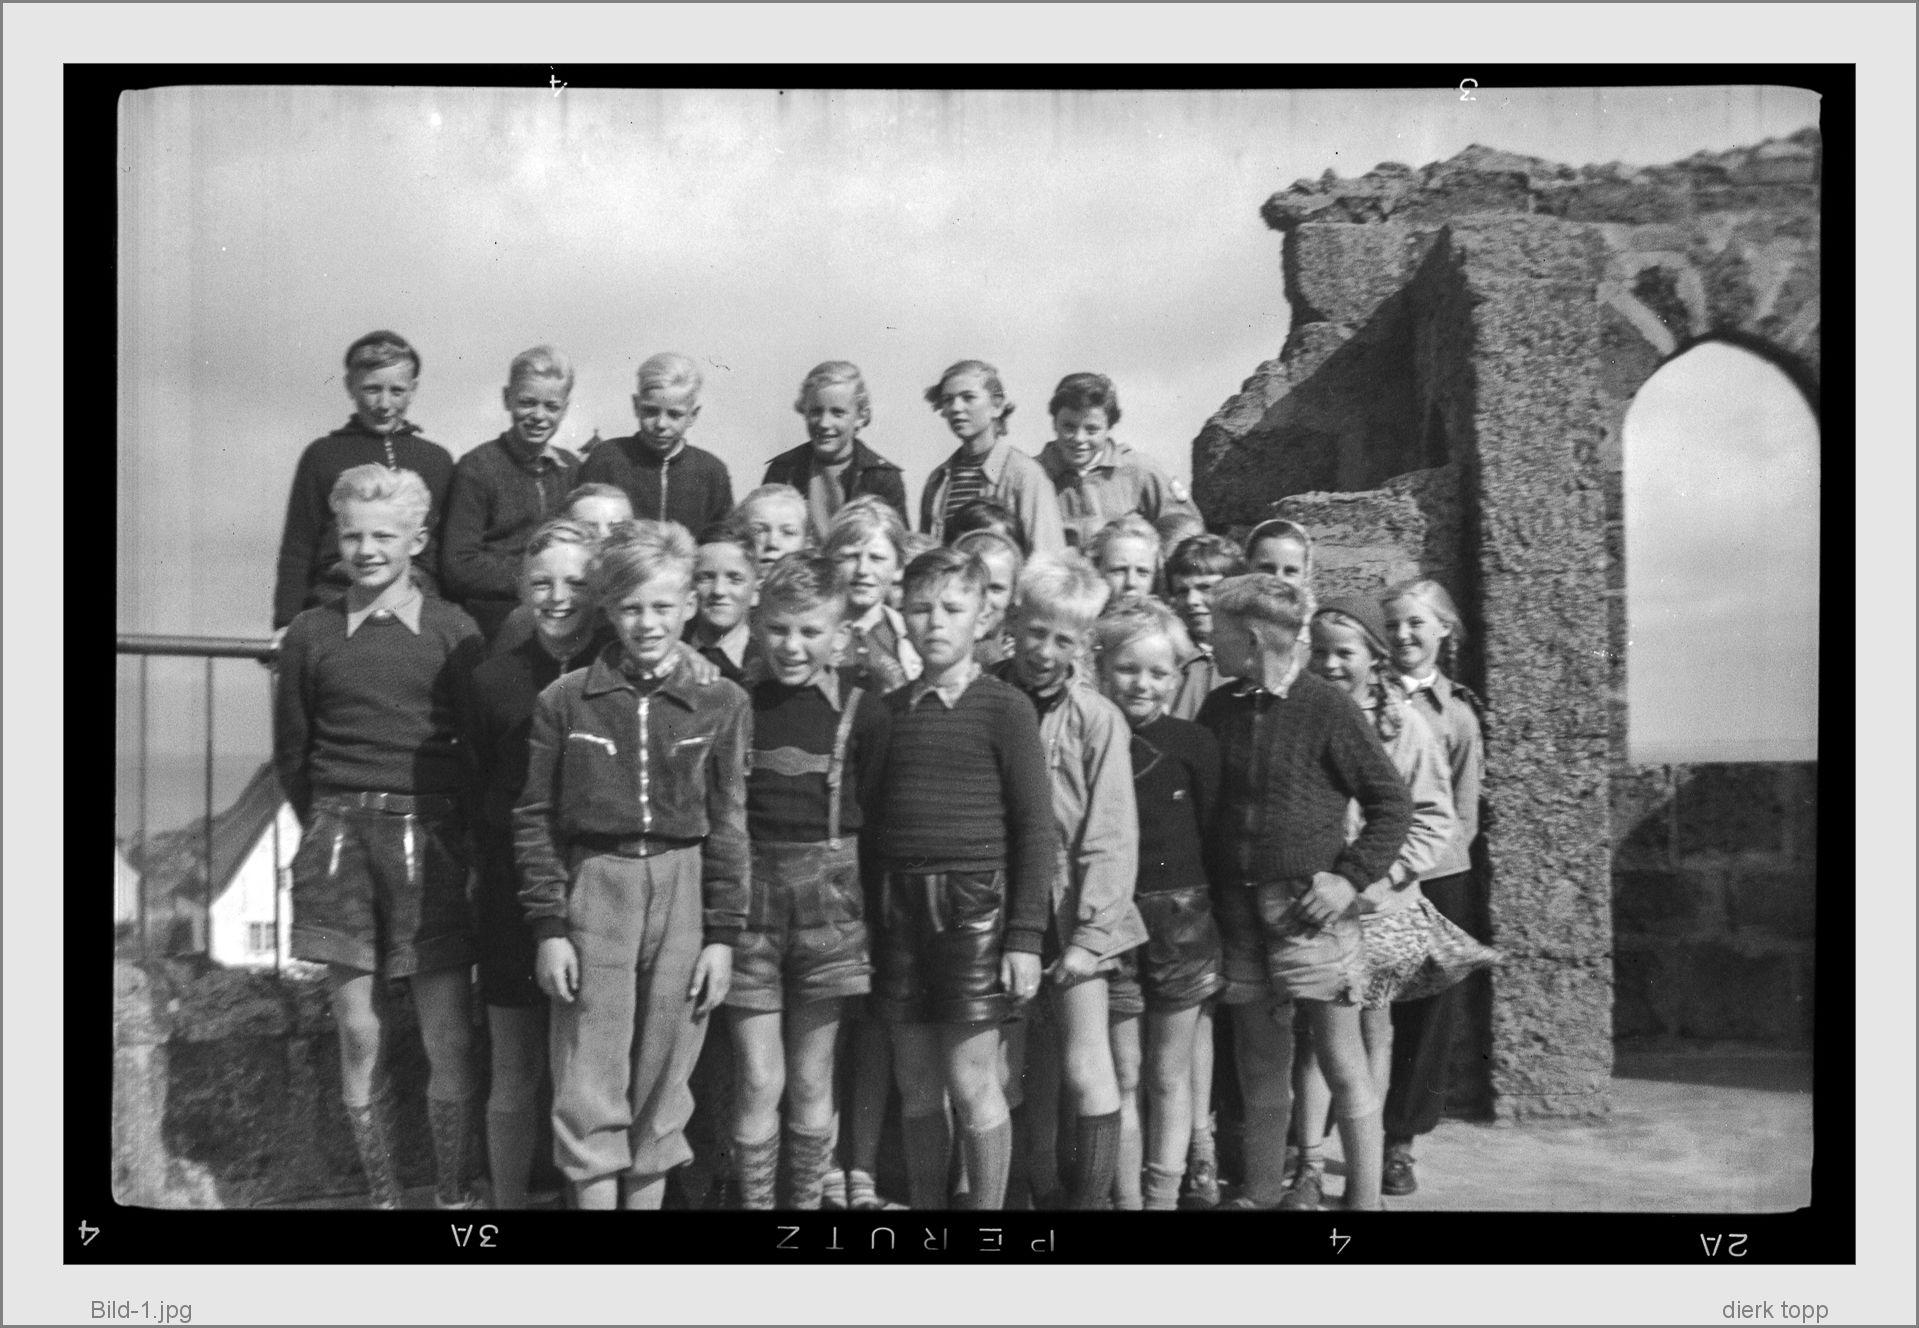 Hörnum 1955. mein erstes Bild, gemacht 1955 mit der Agfa Box meiner Mutter, von meinen Klassenkameraden auf Sylt - (c) Dierk Topp